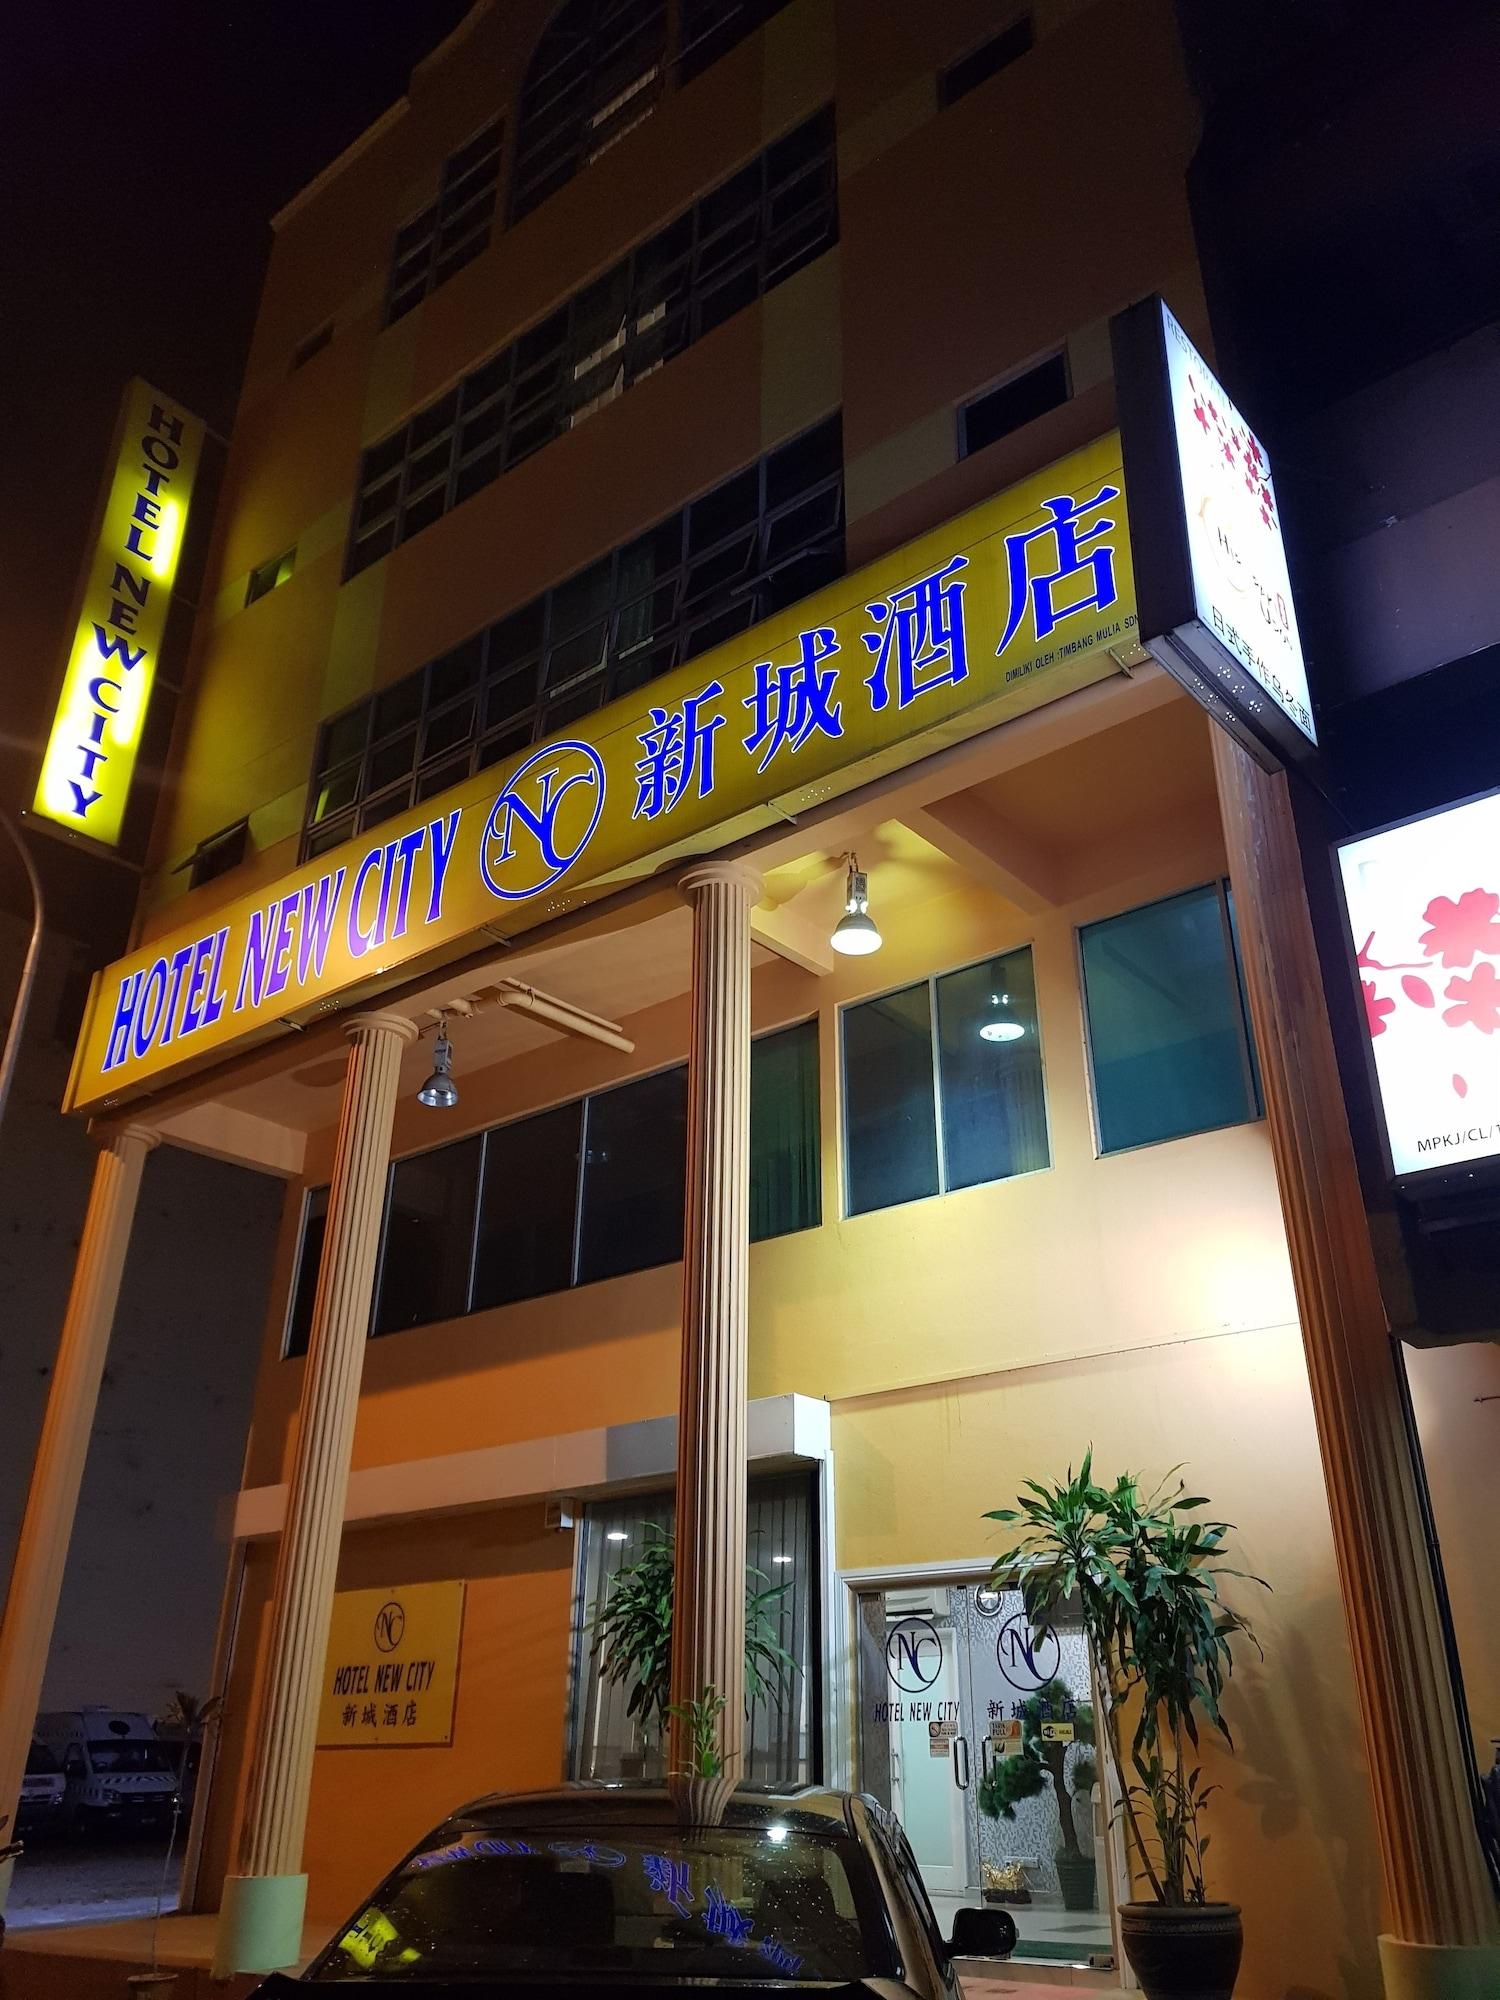 New City Hotel, Hulu Langat